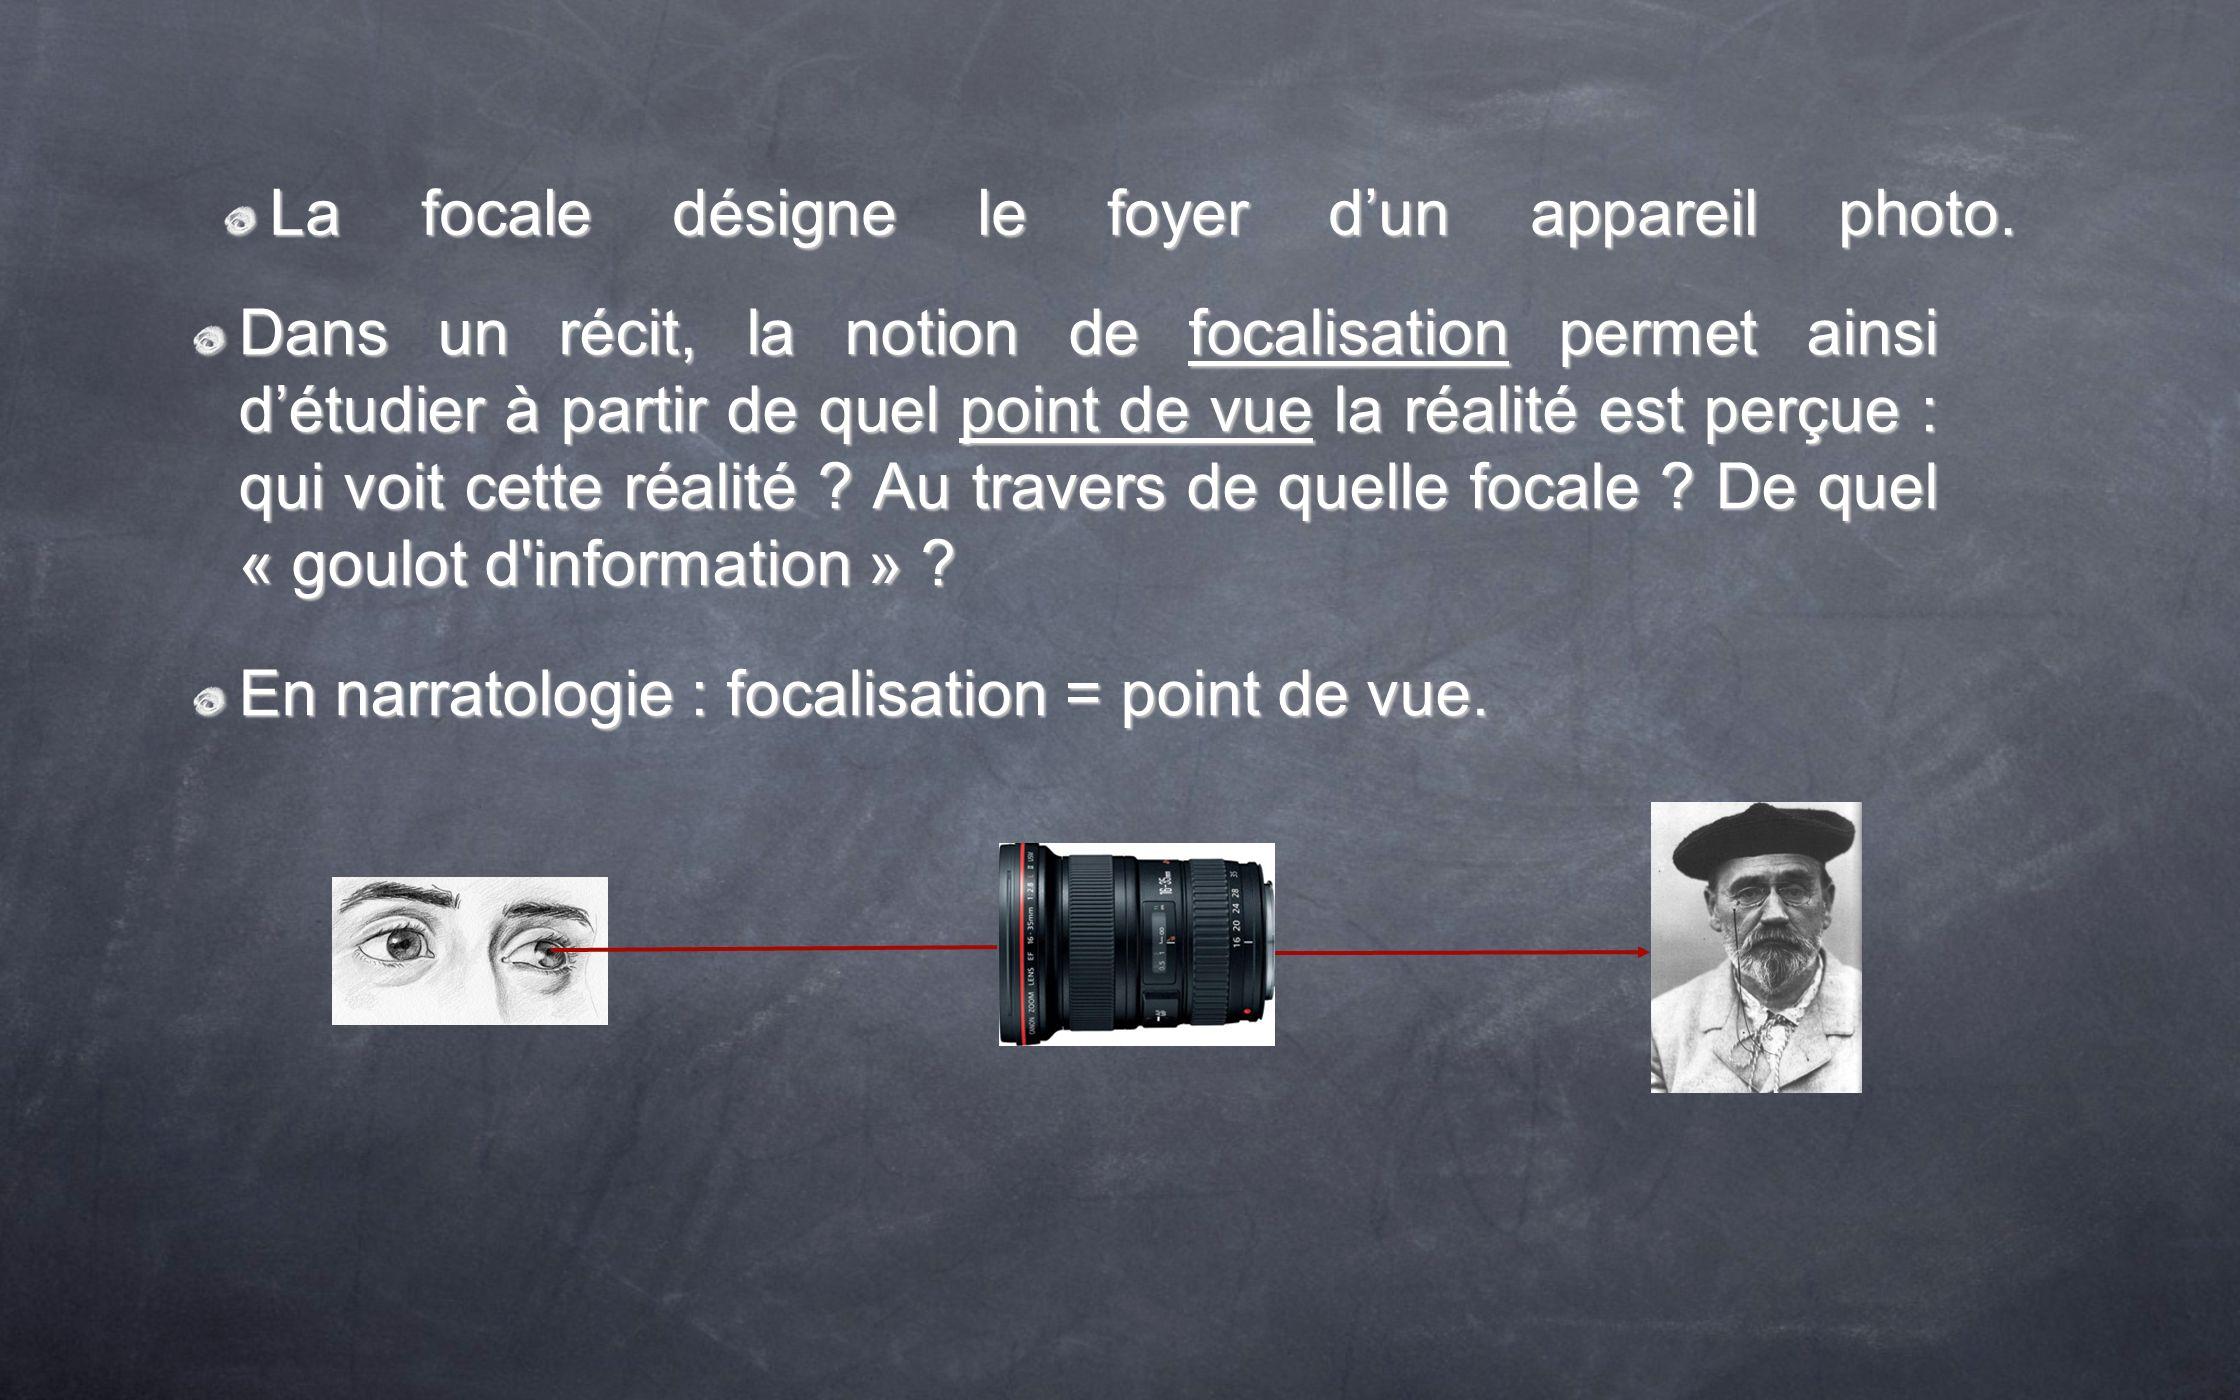 La focale désigne le foyer dun appareil photo. Dans un récit, la notion de focalisation permet ainsi détudier à partir de quel point de vue la réalité